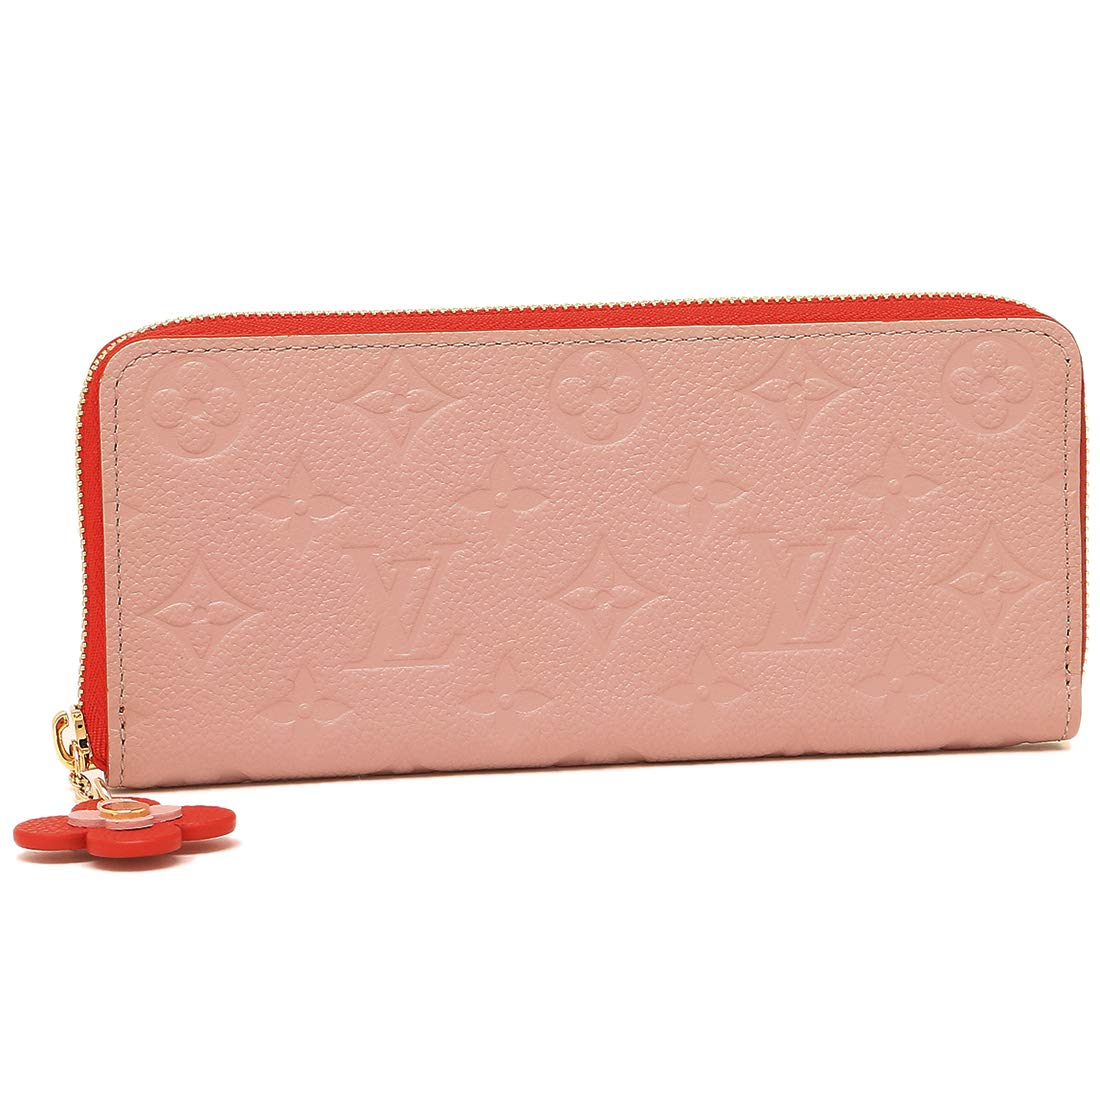 [ルイヴィトン]長財布 レディース LOUIS VUITTON M64161 ピンク [並行輸入品] B07R1TT2FK